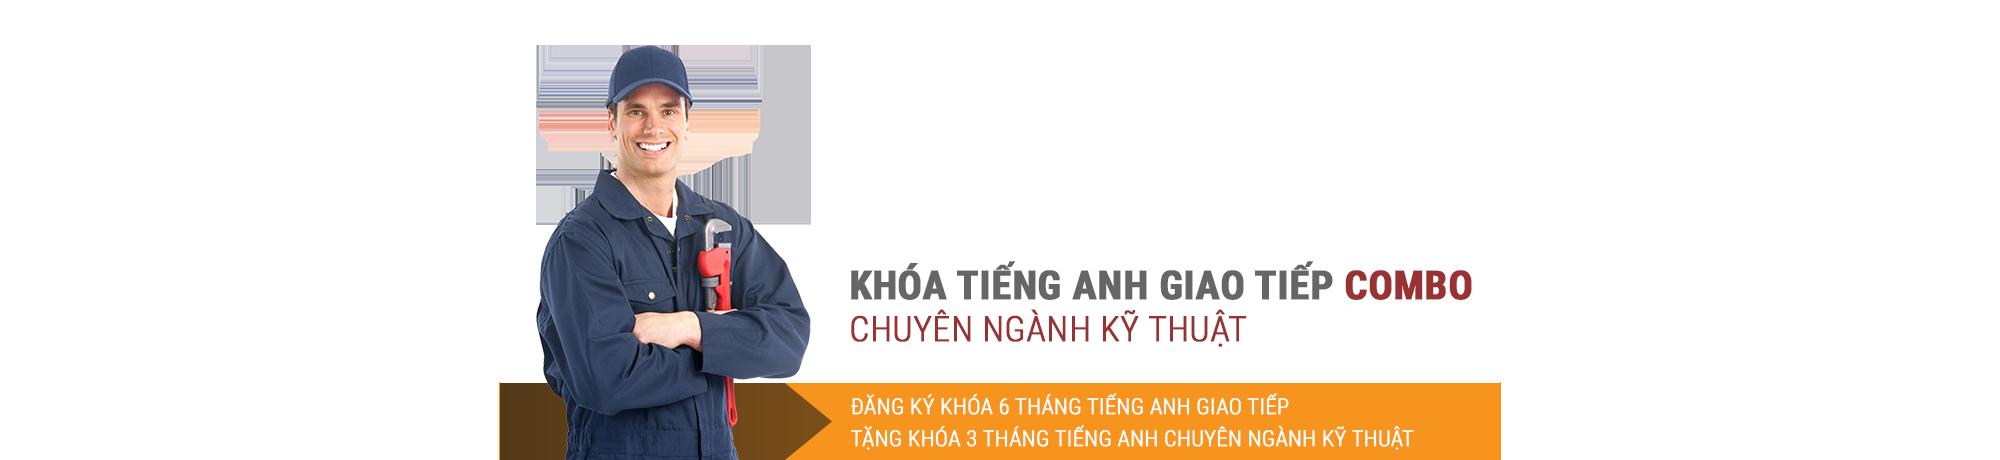 Báo song ngữ Anh-Việt - trang dành cho các bạn thích học tiếng Anh Cep-slider-2016-1a